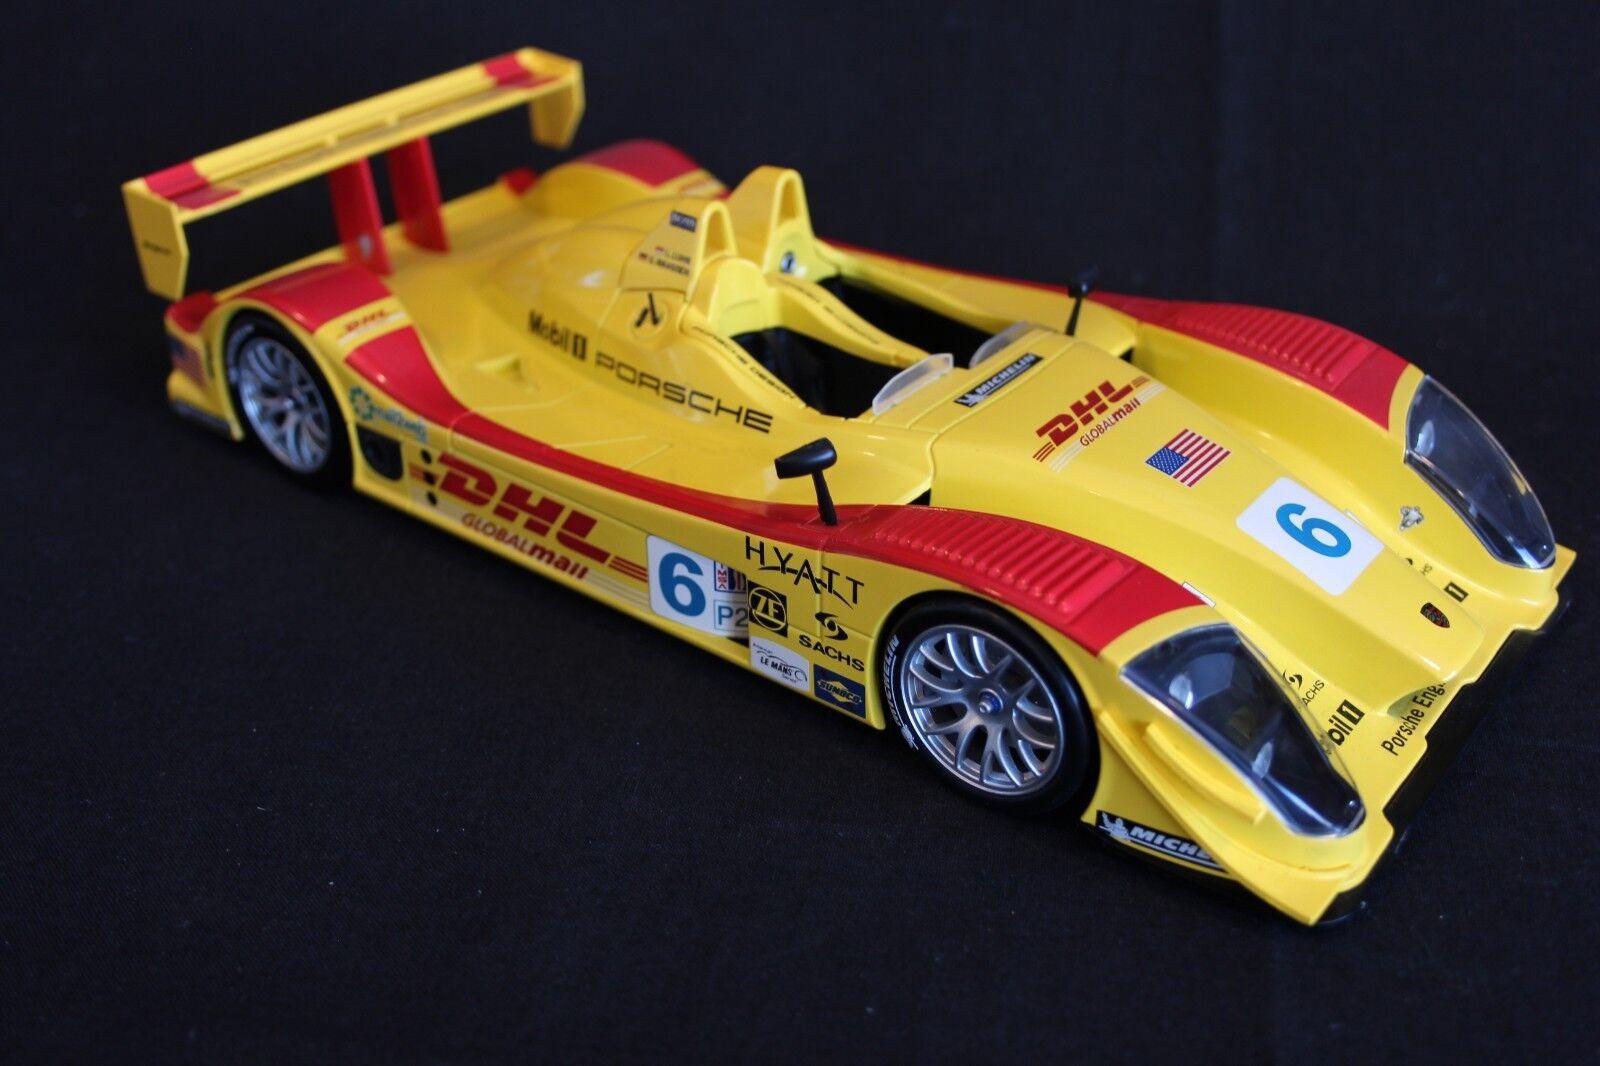 Norev Porsche RS Spider 2006 1 18 Luhr   Maassen ALMS 2006